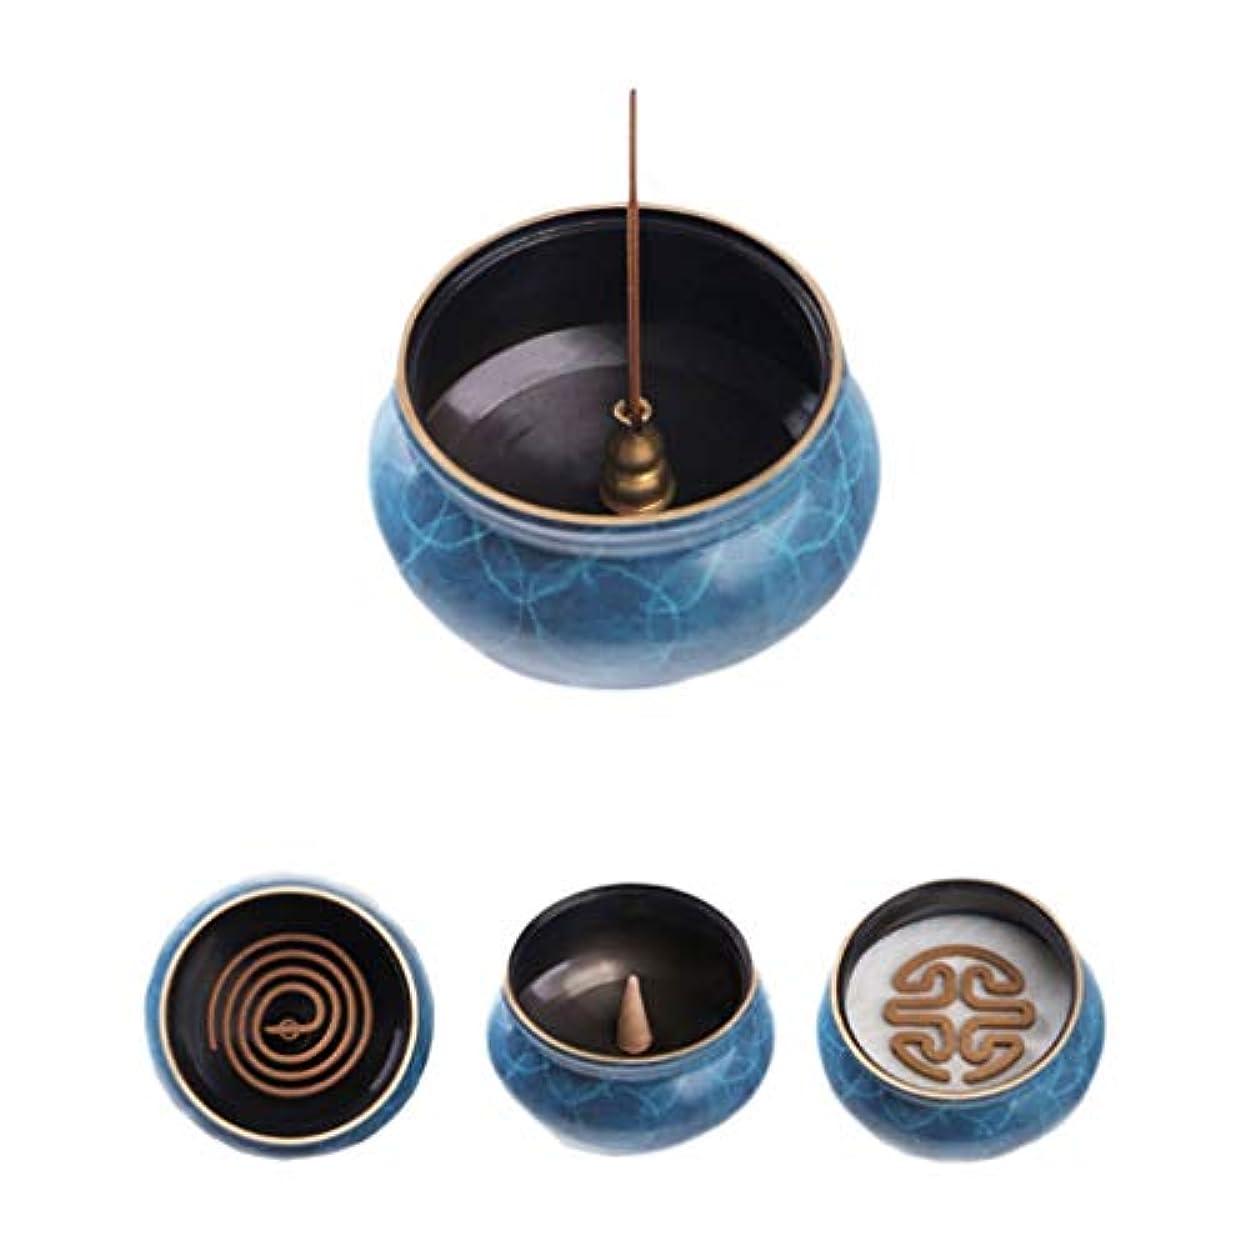 肥満インタビュー体ホームアロマバーナー 純粋な銅香炉ホームアンティーク白檀用仏寒天香炉香り装飾アロマセラピー炉 アロマバーナー (Color : Blue copper)